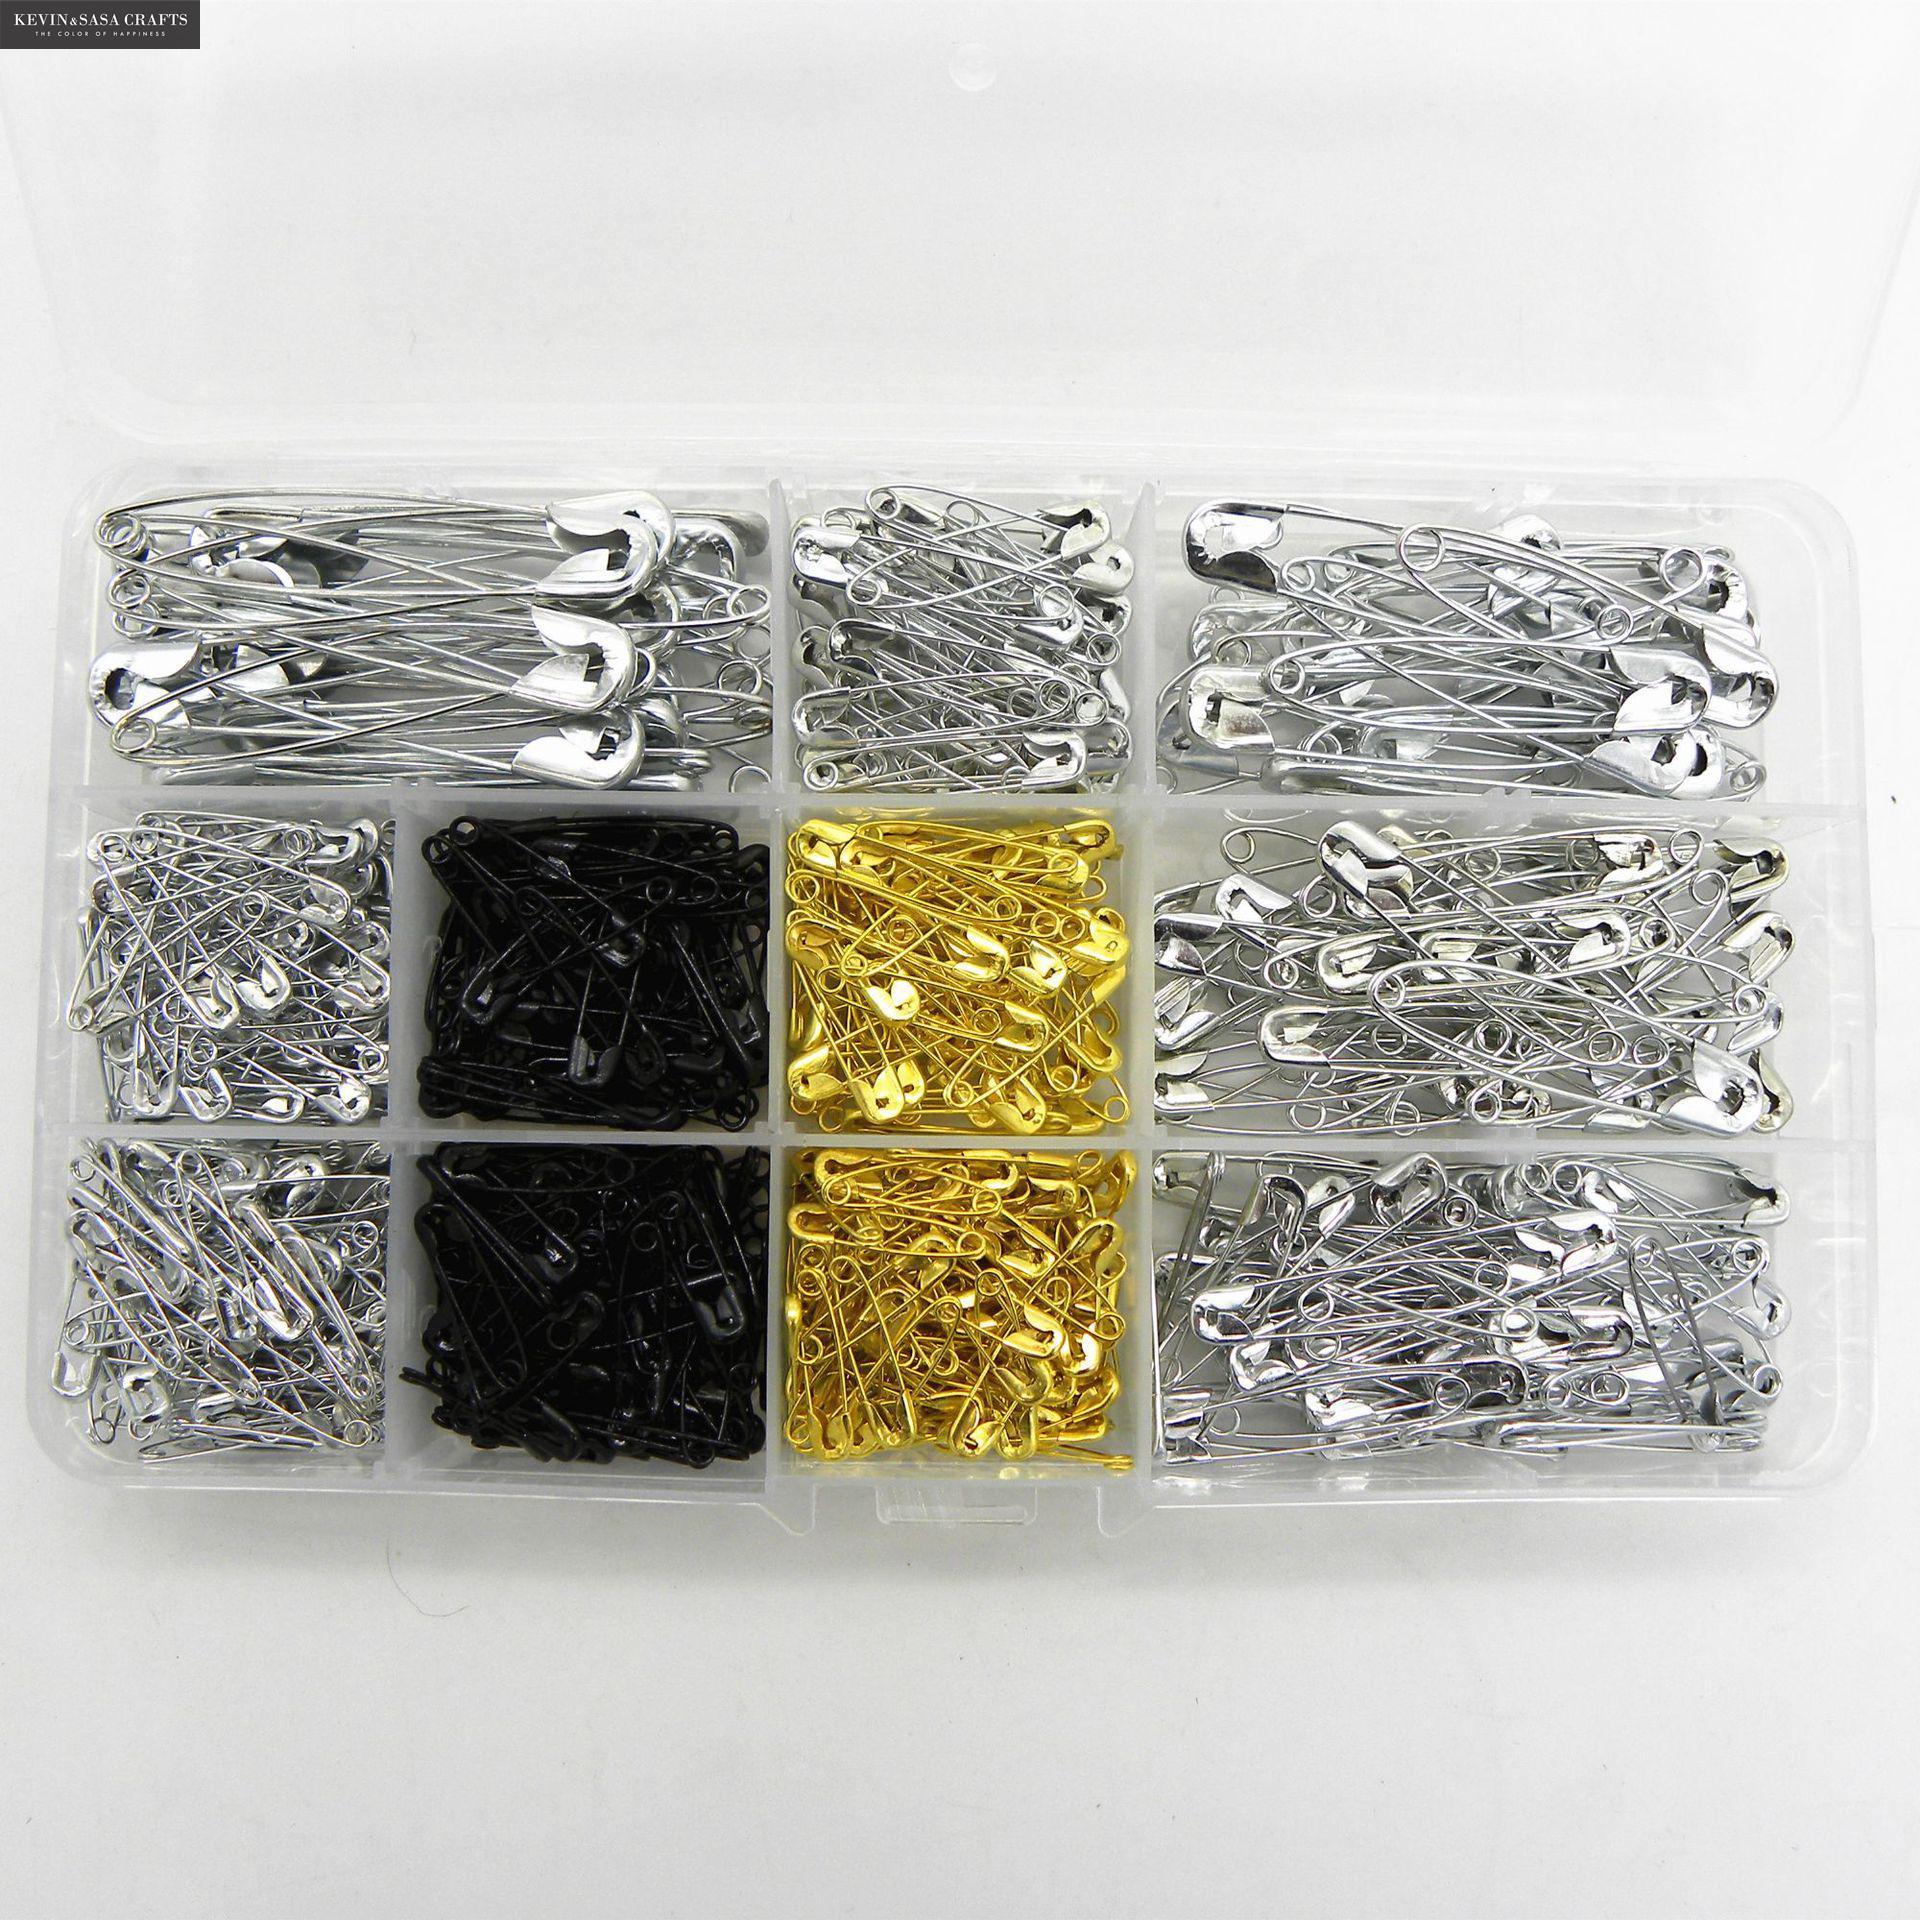 700 pçs/pçs/set cores metal clipes de papel acessórios de escritório diy ferramentas alta qualidade escola fornecedores 11 tamanho diferente clipe foto